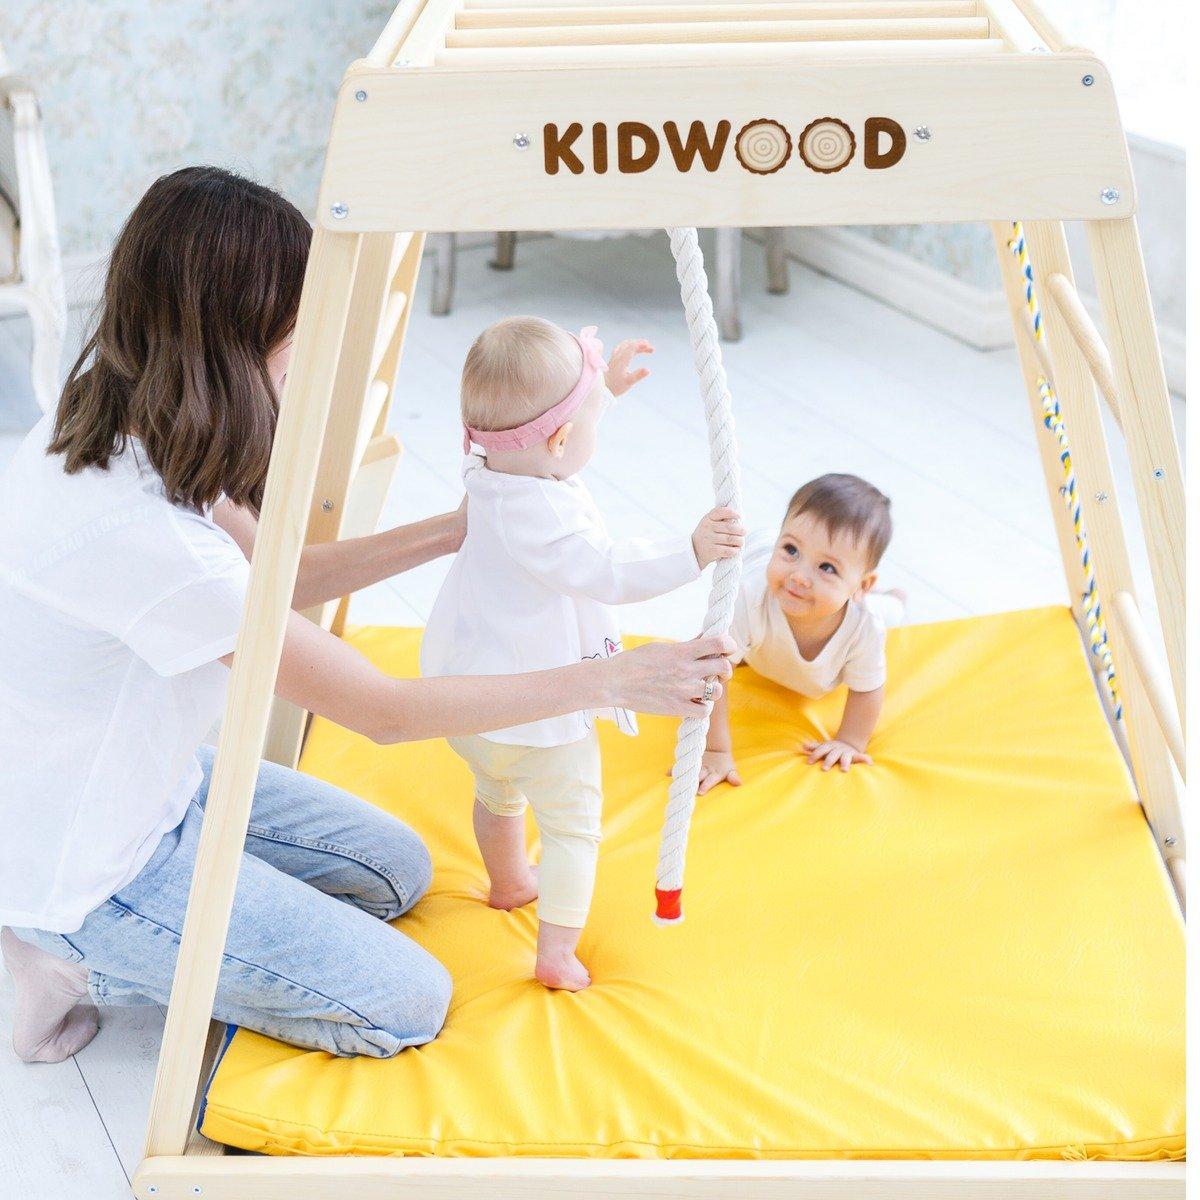 Full Size of 1 Kidwood Klettergerst Segel Junior Set Aus Holz Fr Indoor Klettergerüst Garten Wohnzimmer Kidwood Klettergerüst